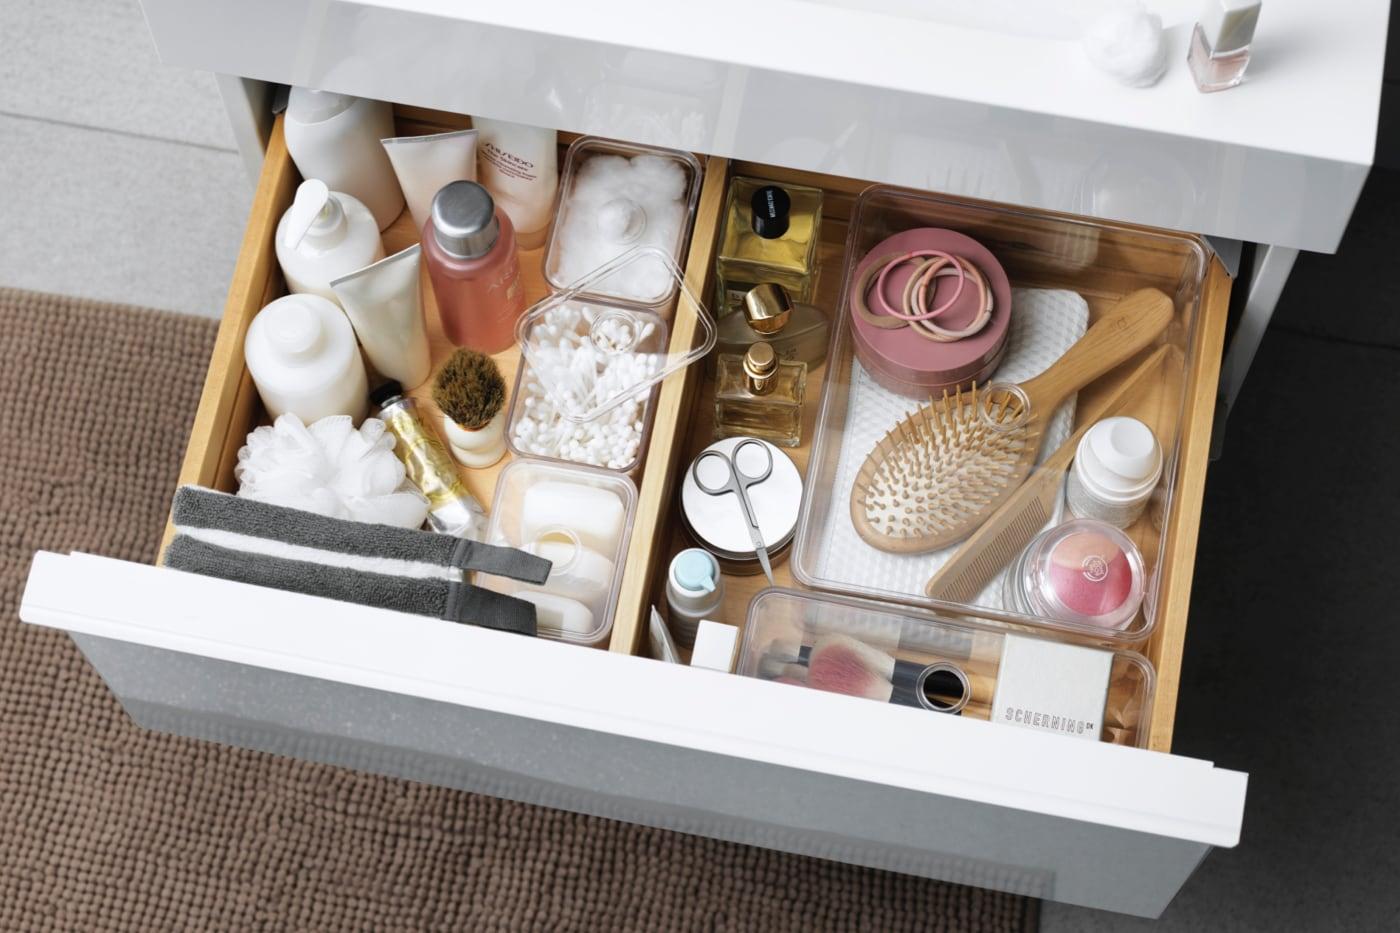 Ratgeber: Aufbewahrungstricks für jede Badgröße - IKEA Deutschland